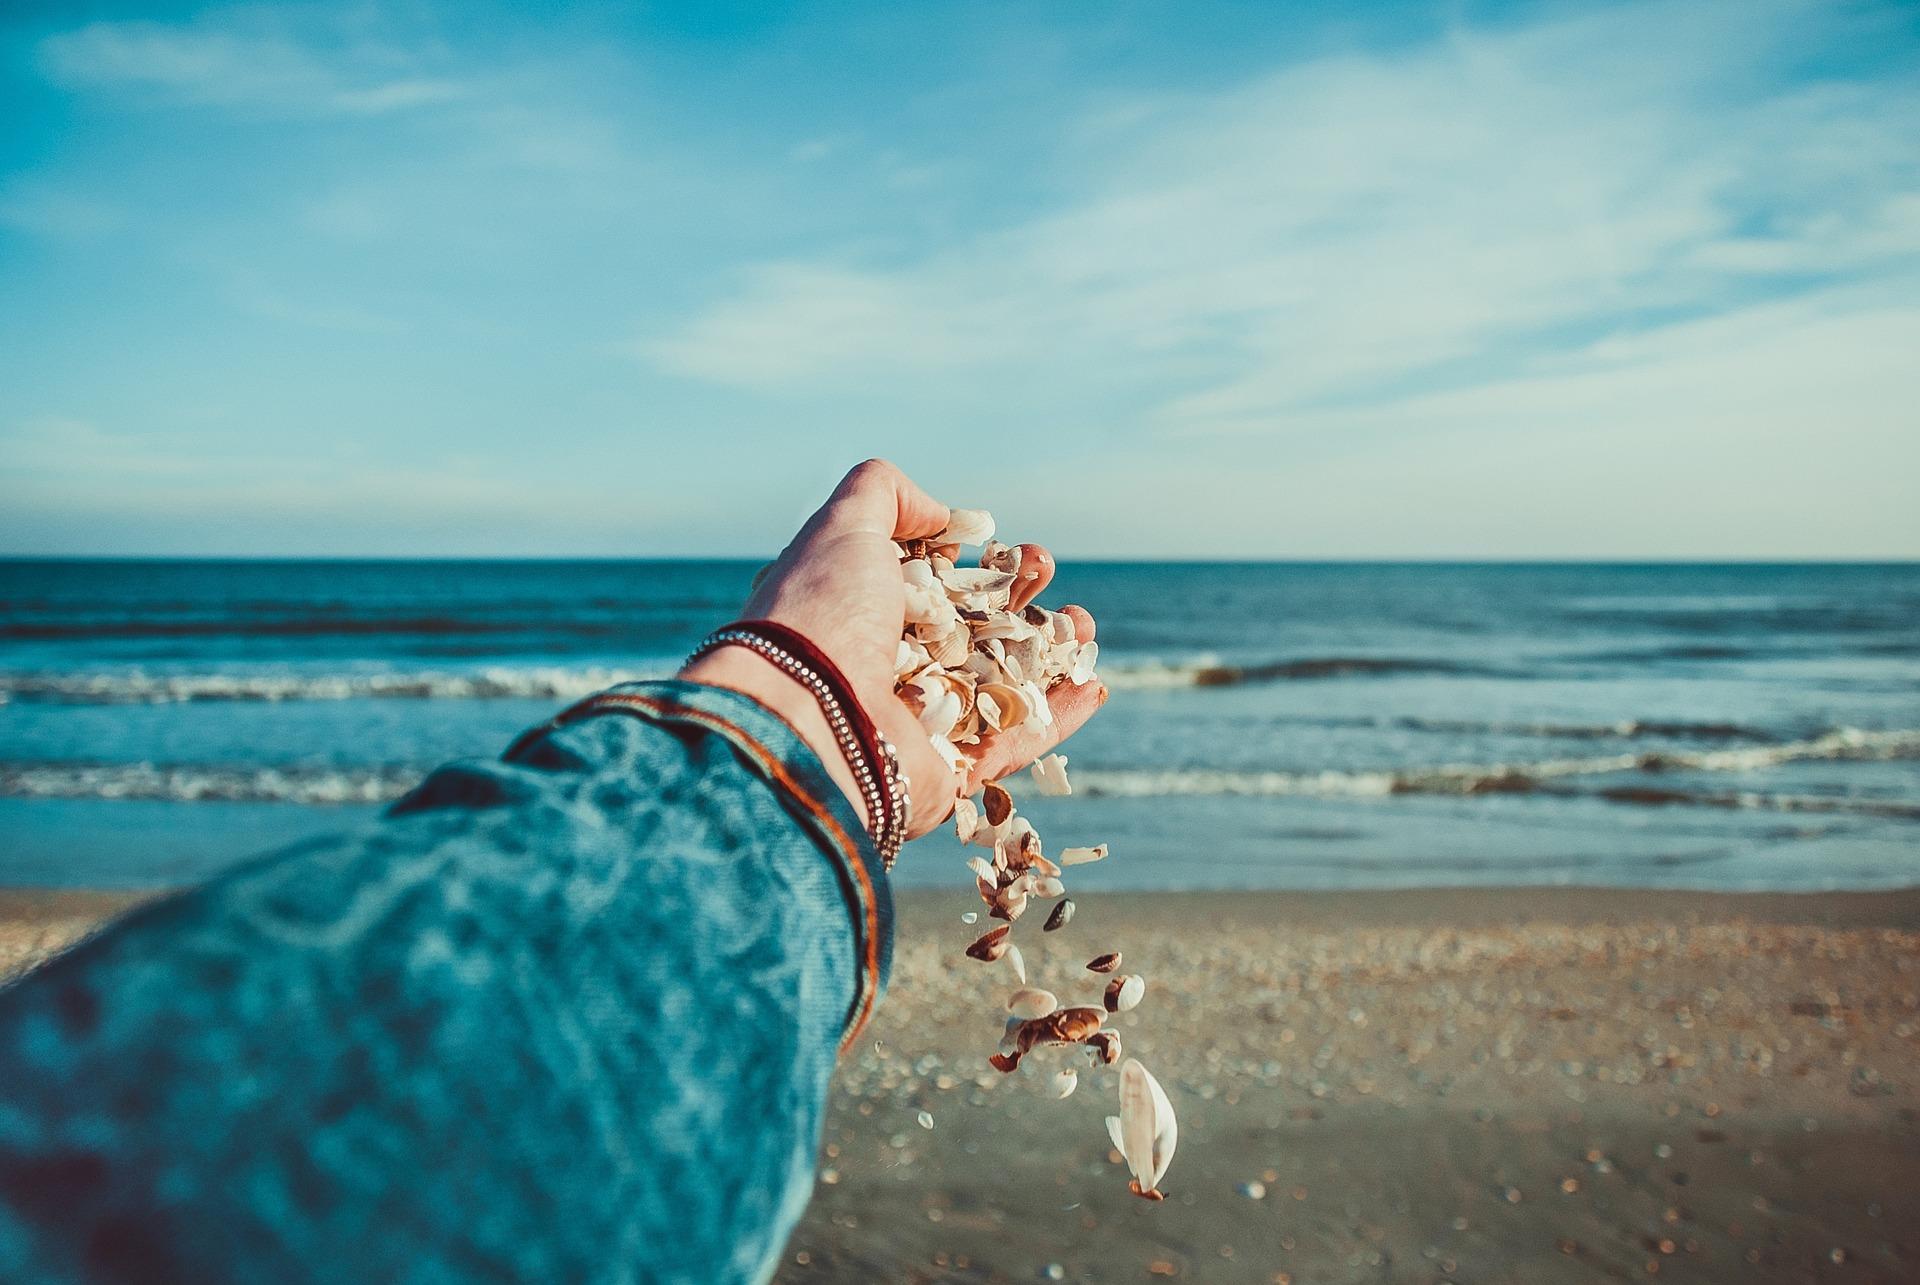 Instants de bonheur à la plage!